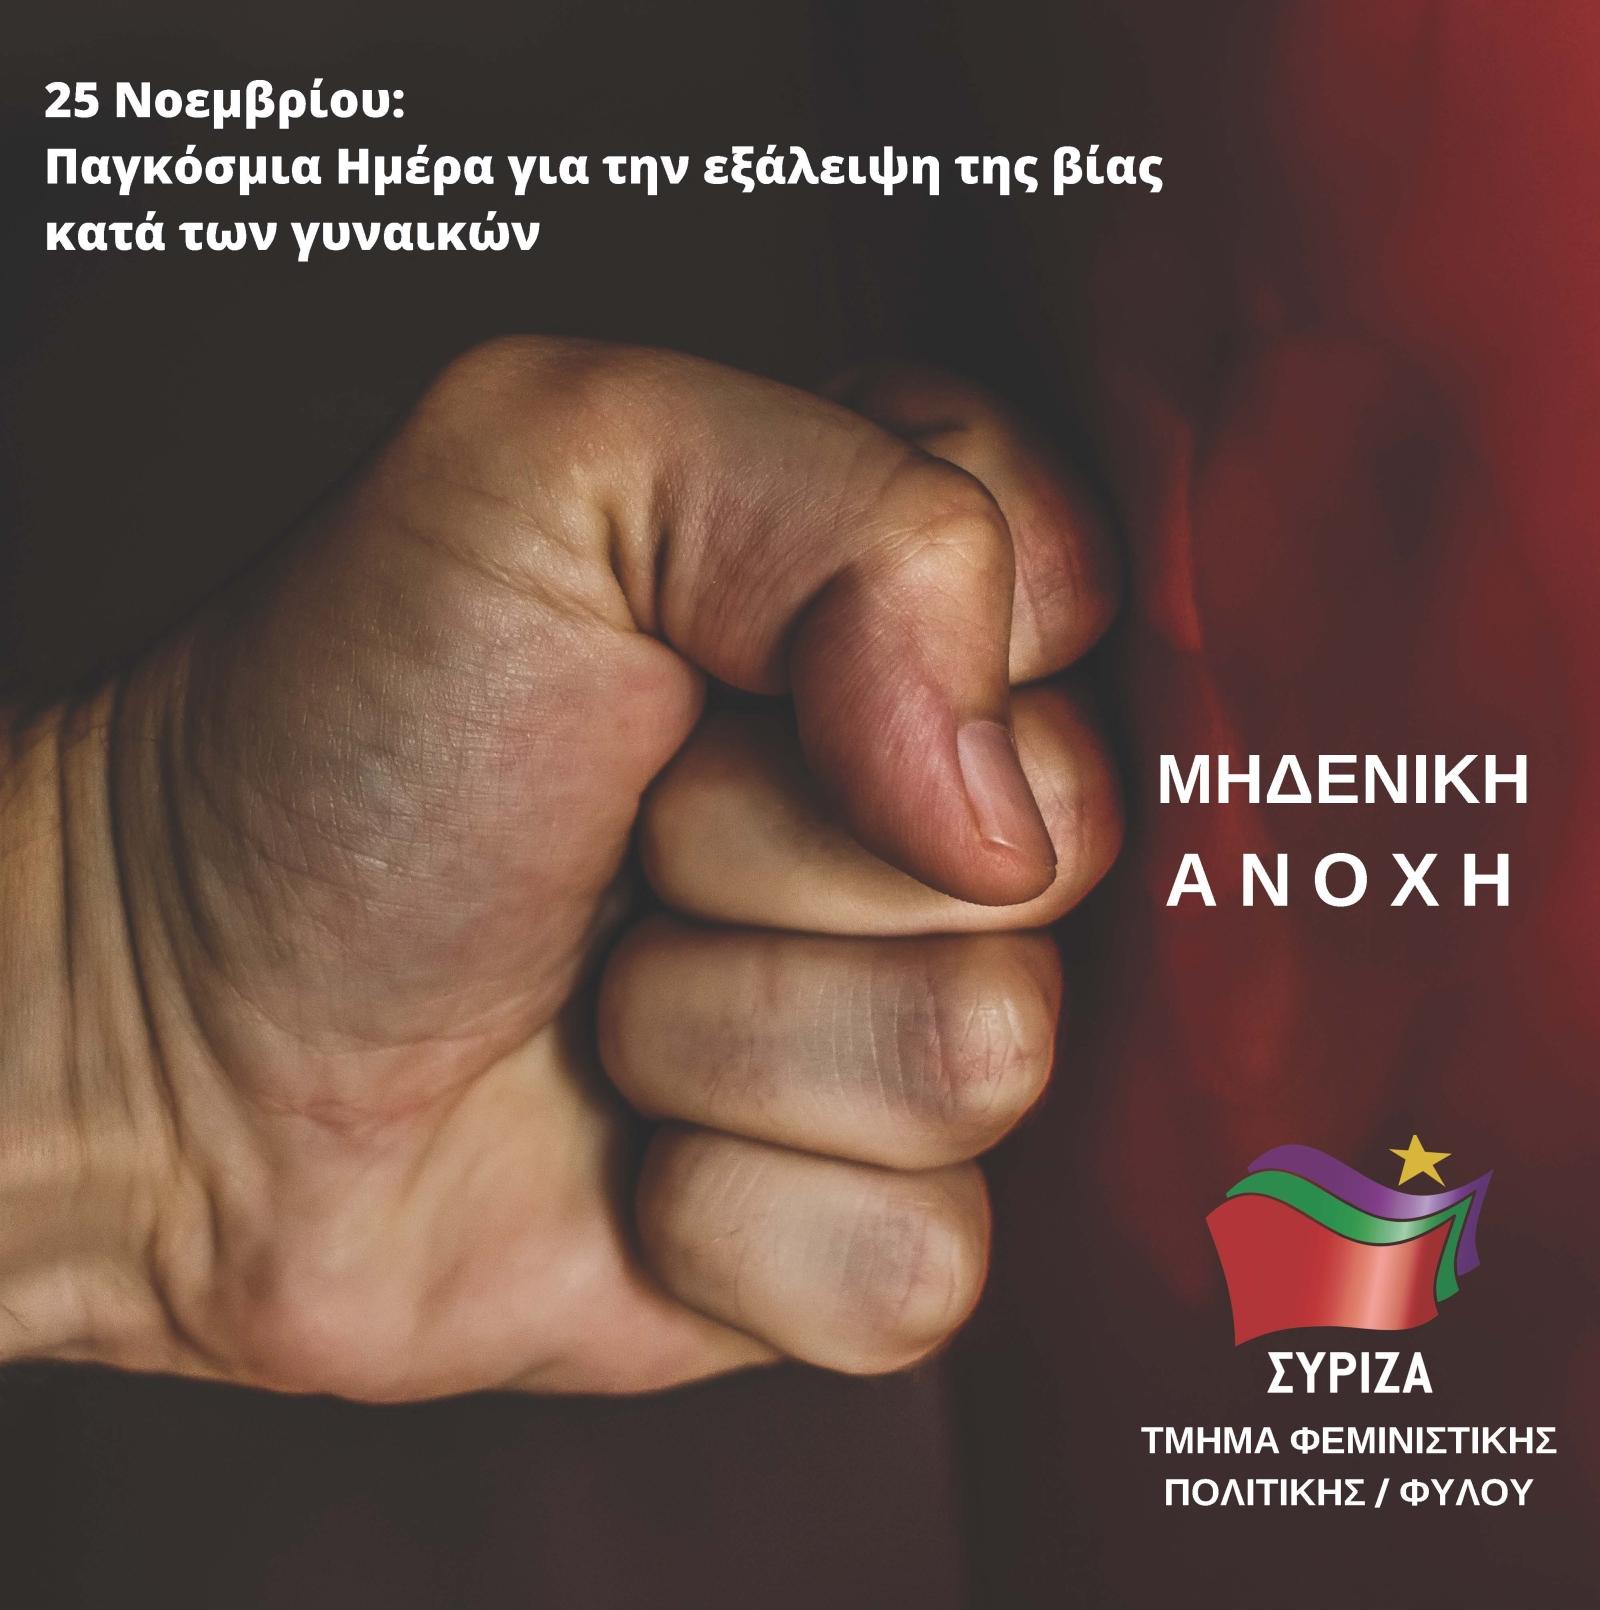 Τμήμα Φεμινιστικής Πολιτικής / Φύλου: Η Σύμβαση του Συμβουλίου της Ευρώπης για την Πρόληψη και Καταπολέμηση της Βίας Κατά των Γυναικών γίνεται νόμος του κράτους